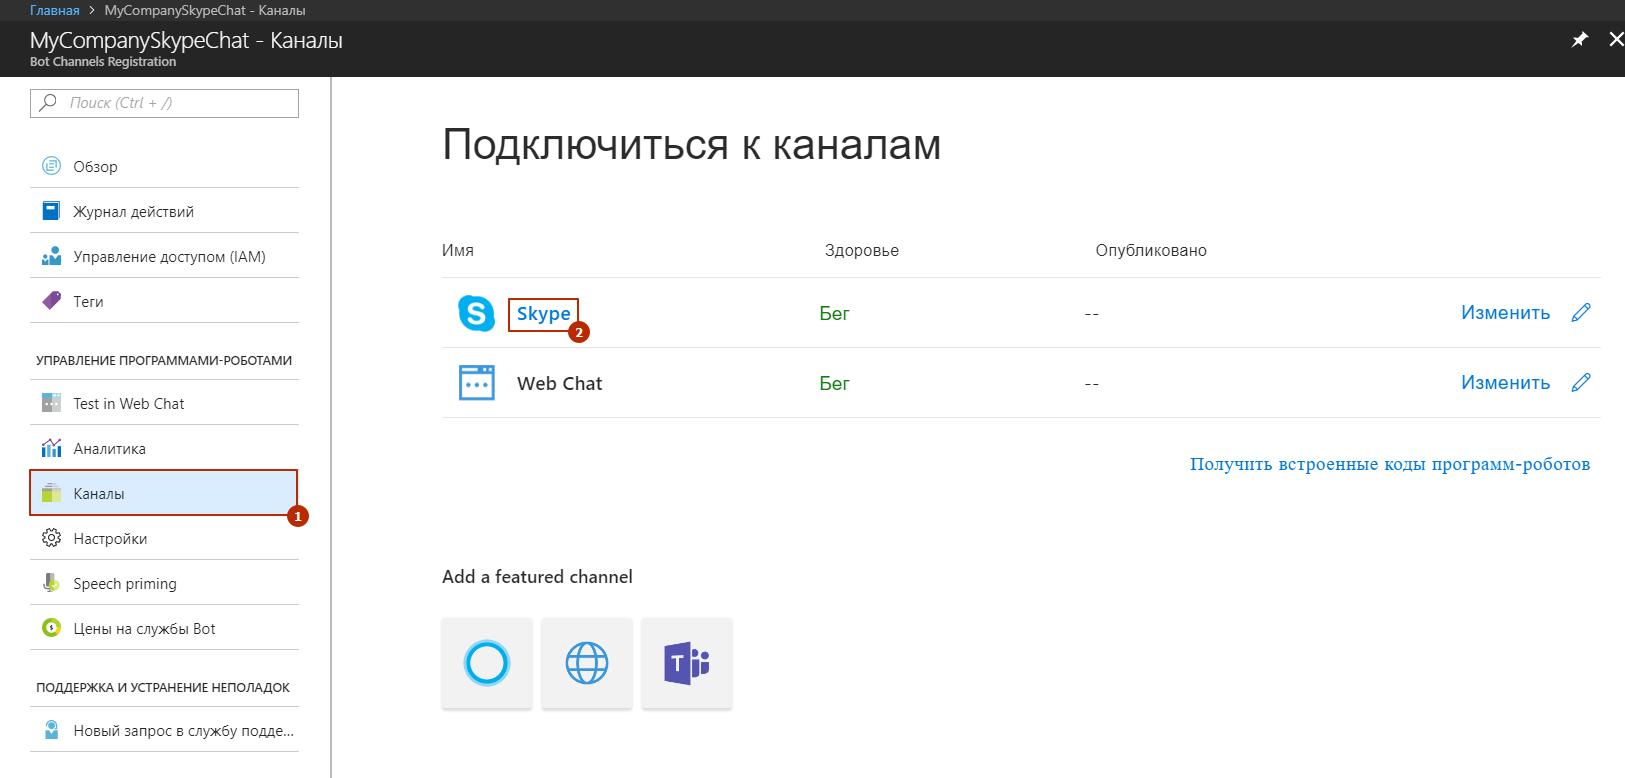 files.php?filename=0e21a648e8762f8bddab0